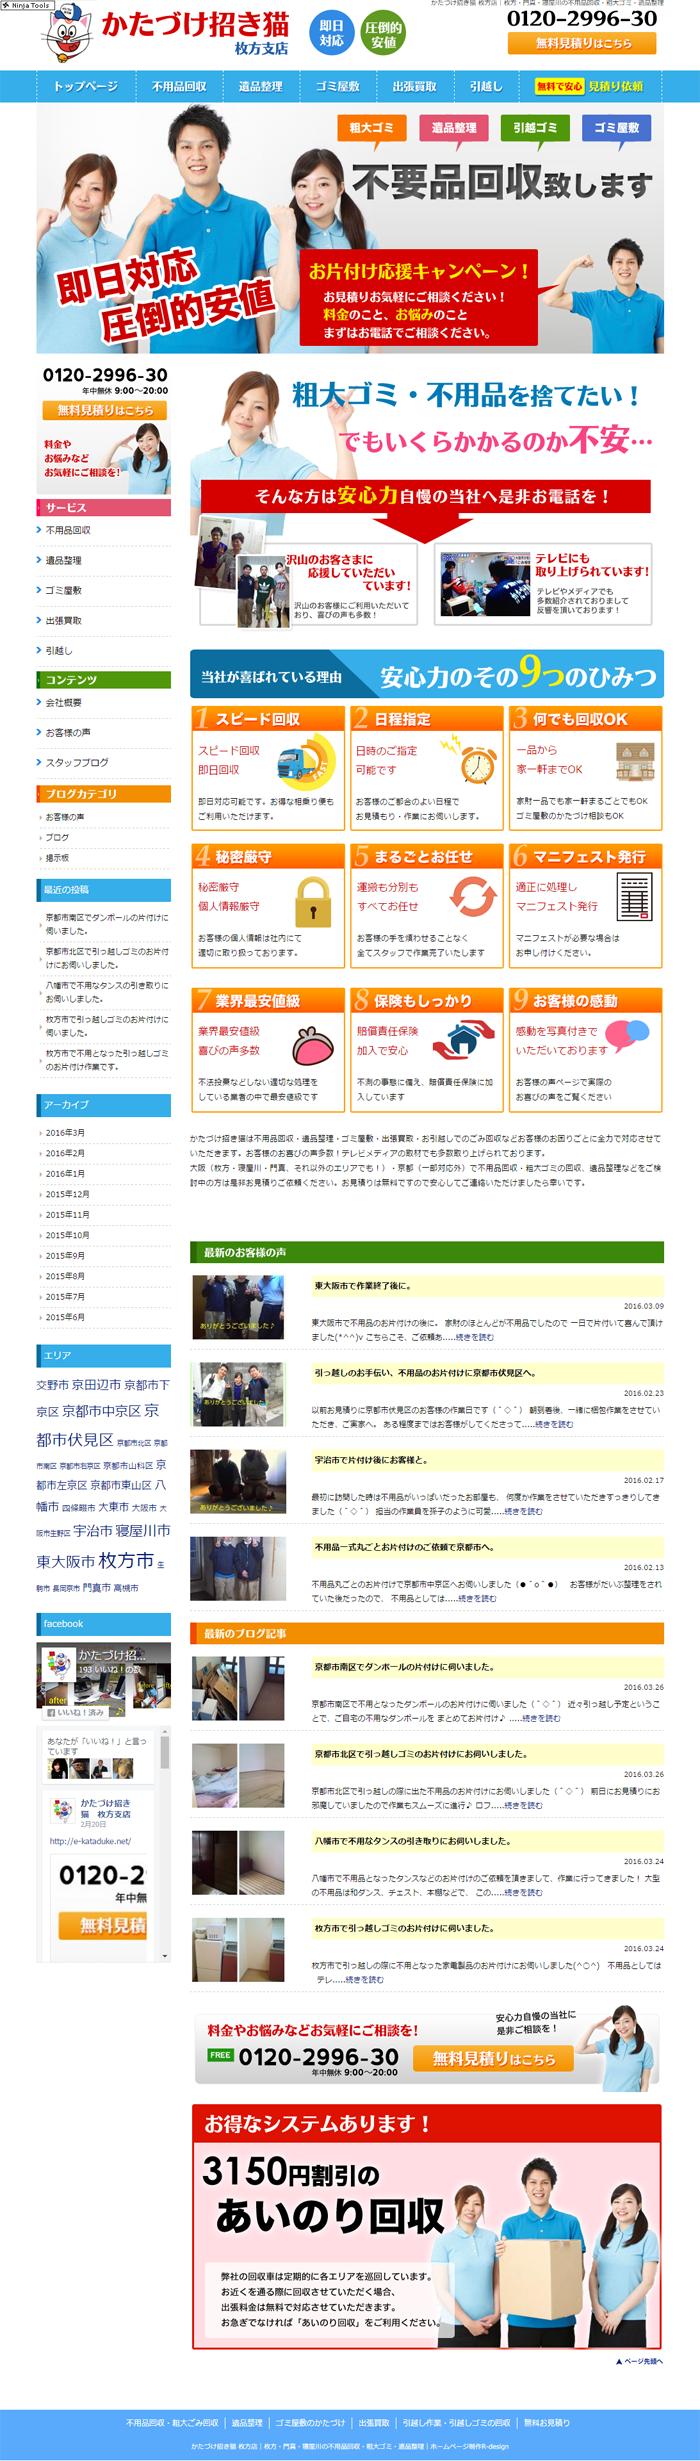 大阪ゴミ回収業ホームページ制作実績